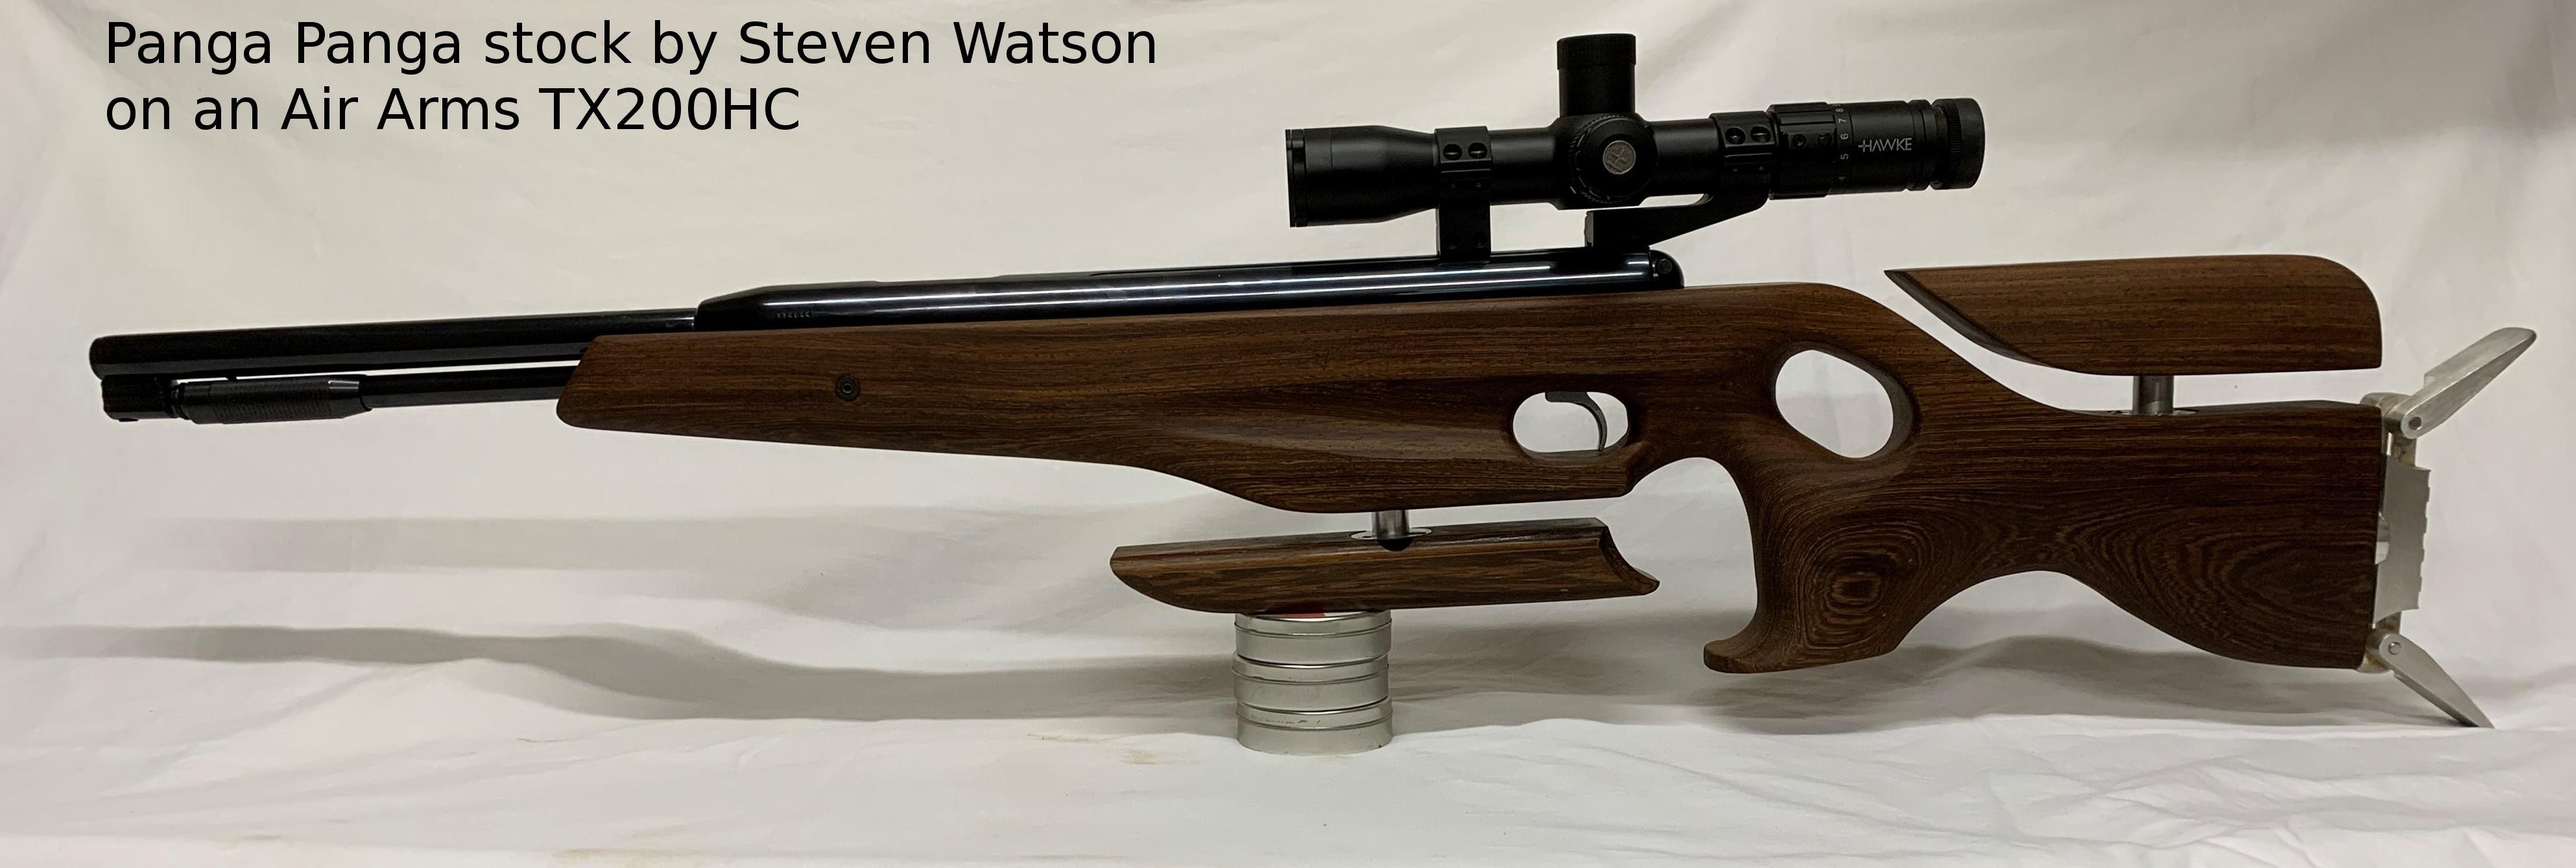 pangsteven-watson2.jpg